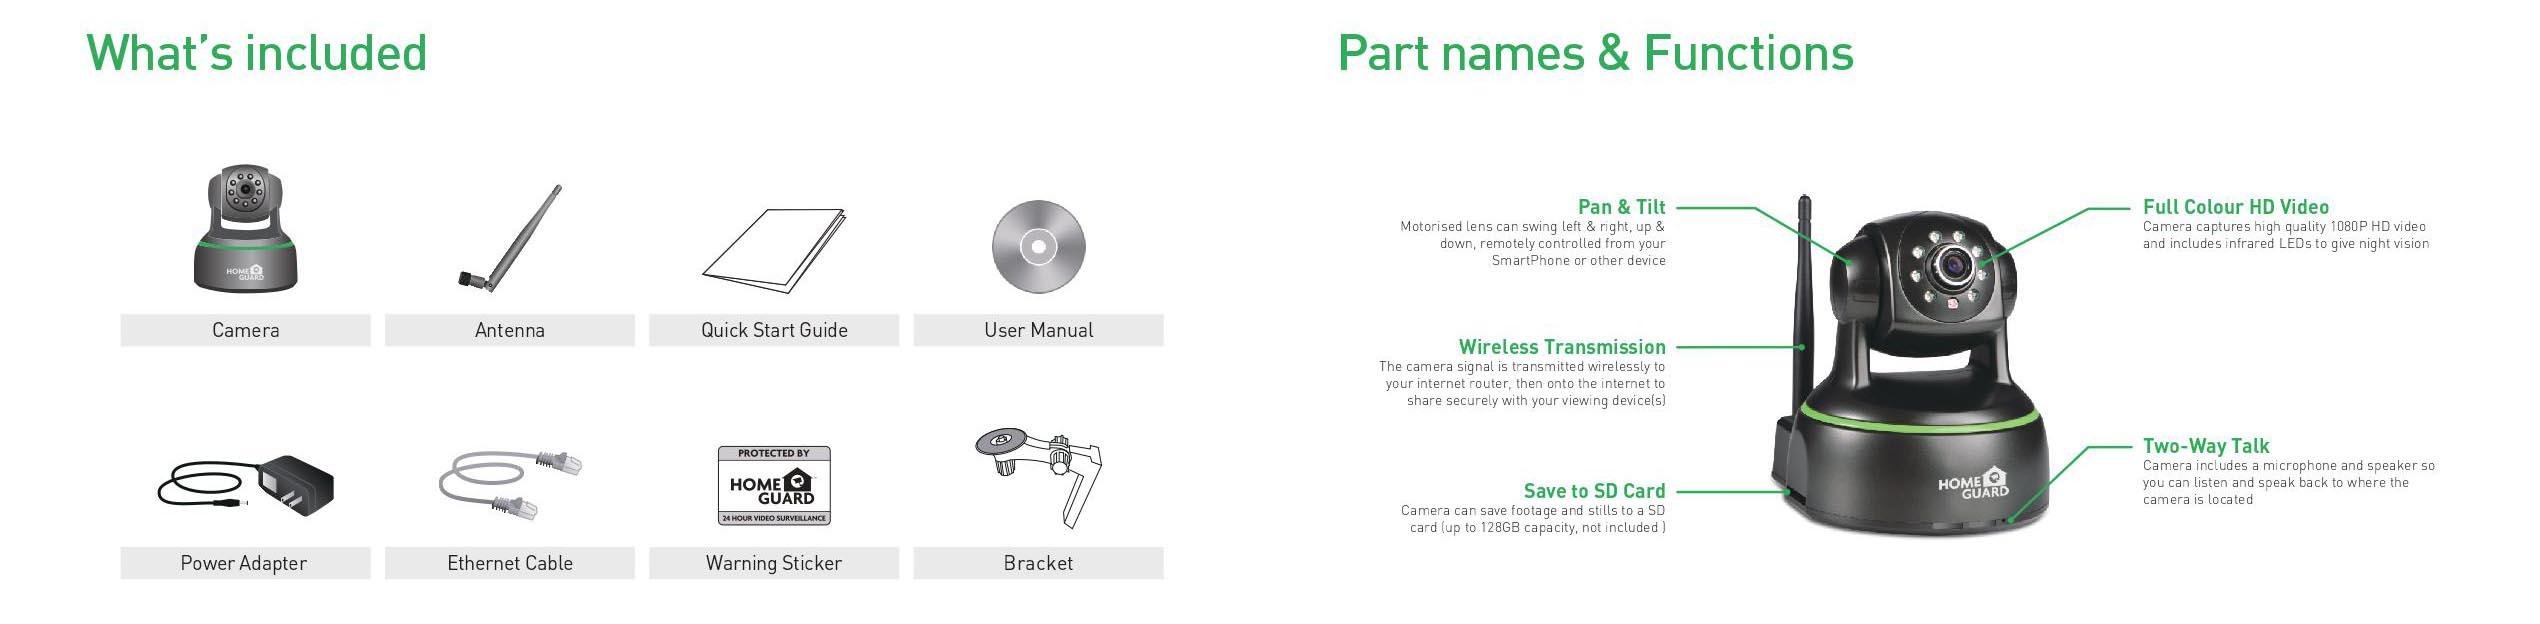 Homeguardview - приложение для видеонаблюдения. Инструкция. Скачать